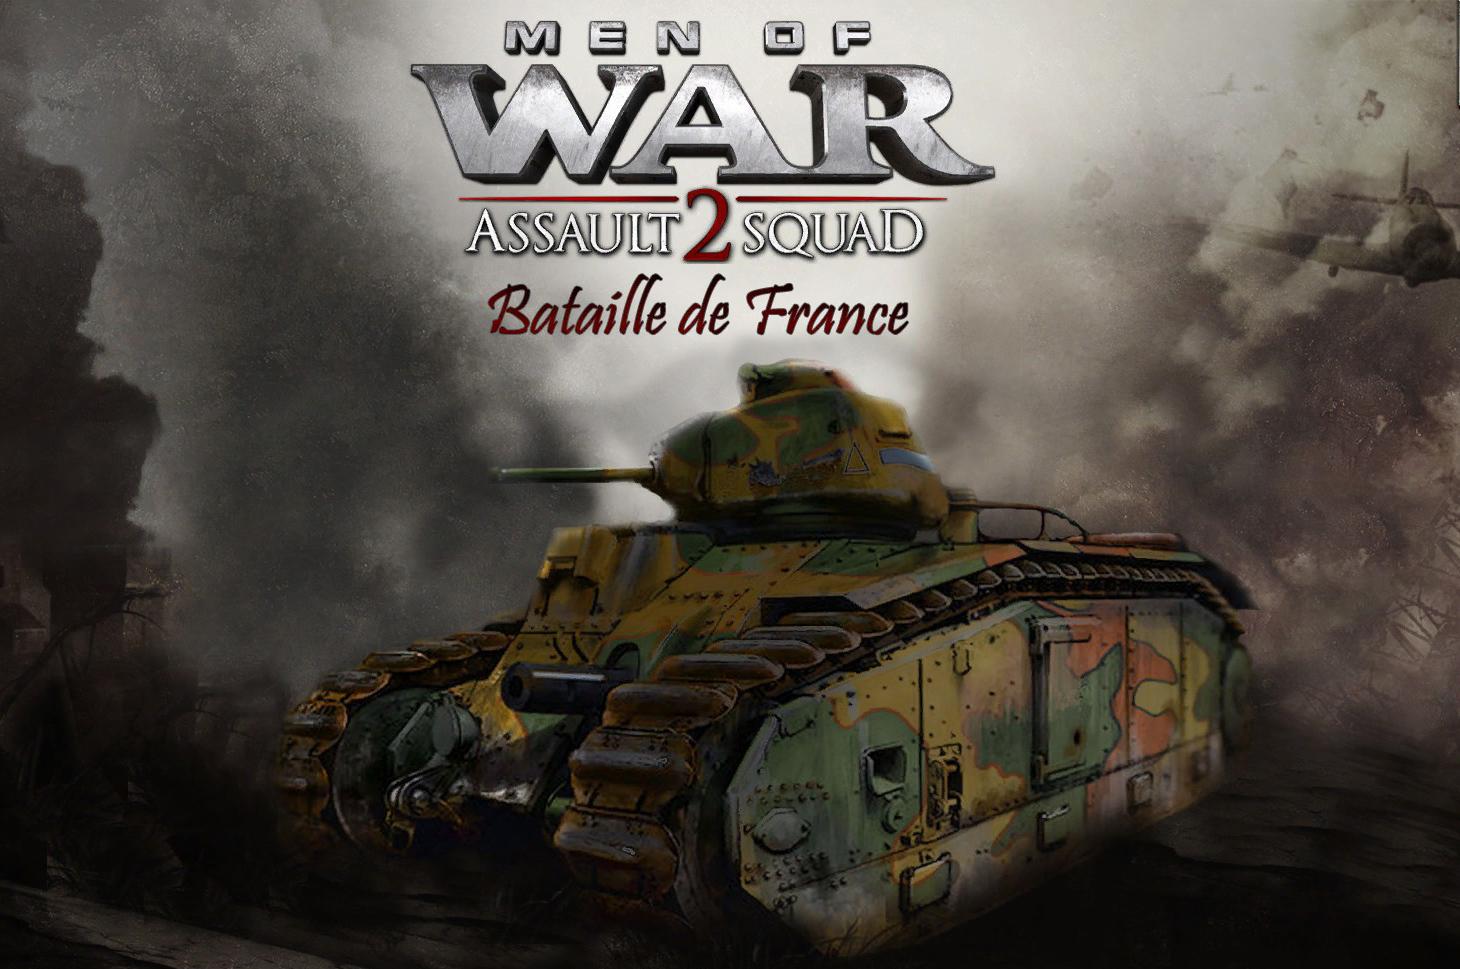 Скачать Bataille de france (3.205) — бесплатно